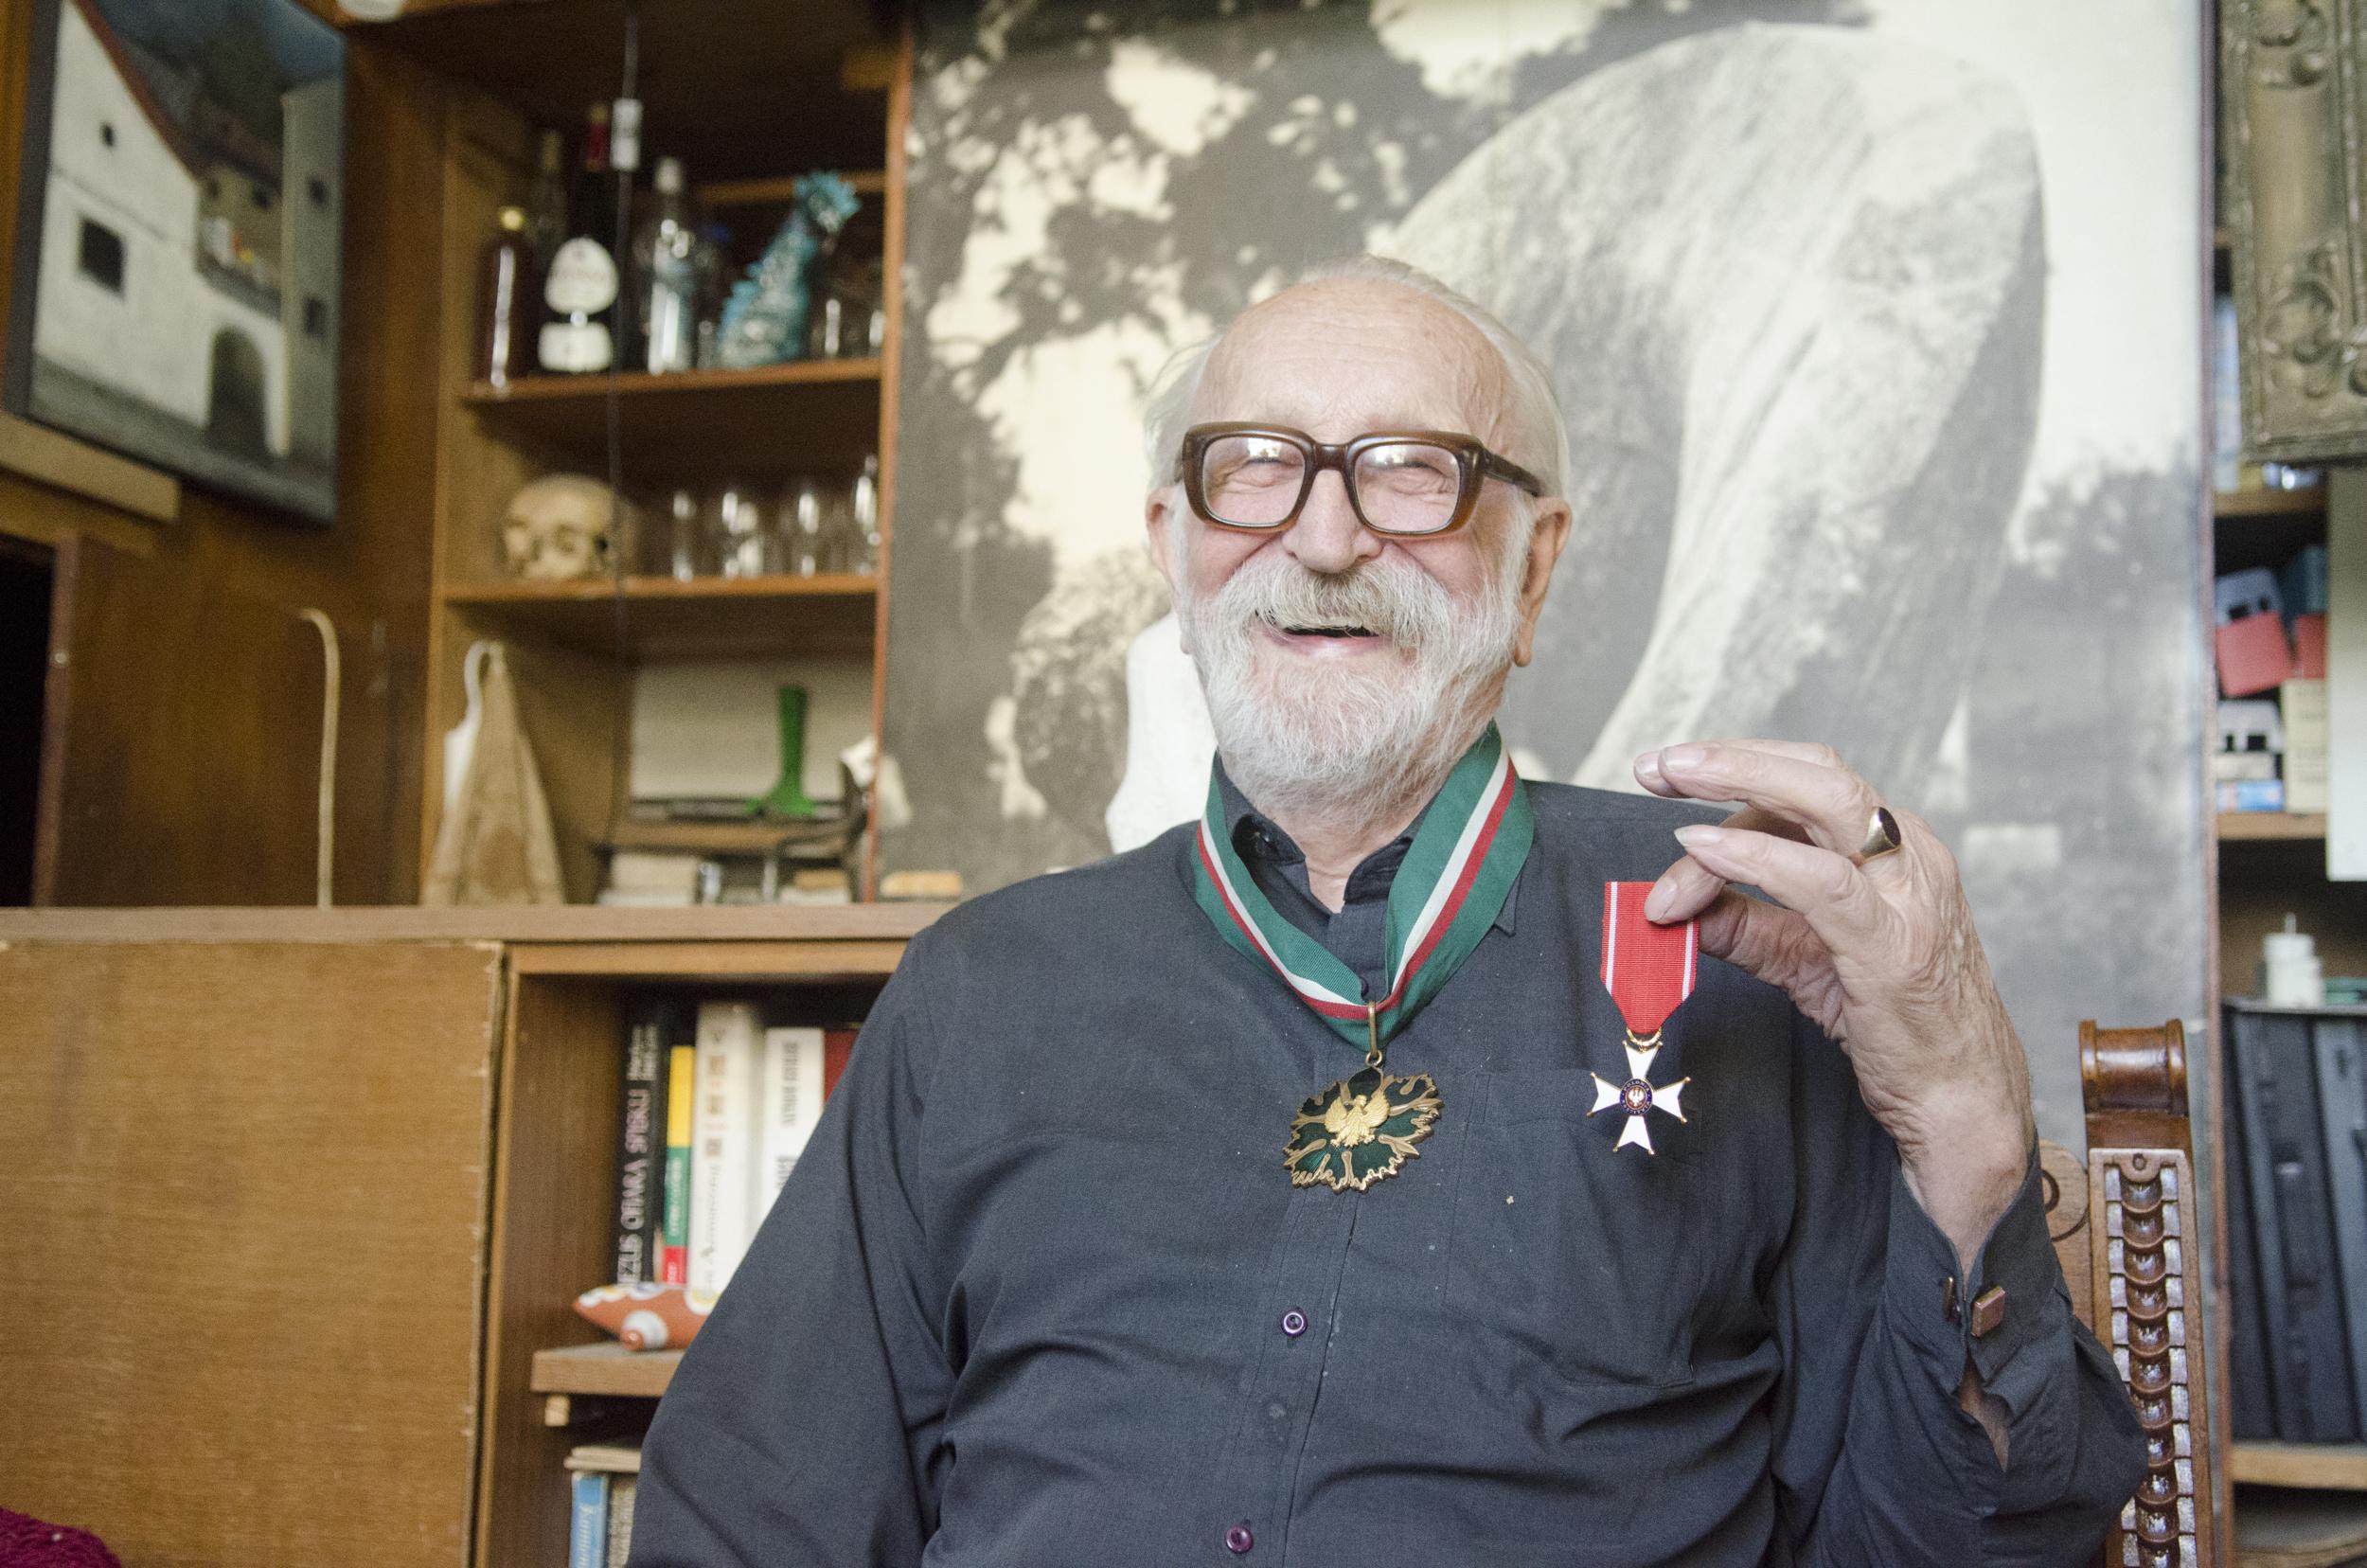 Zbigniew Maleszewski odznaczony został m.in.Krzyżem Kawalerskim Orderu Odrodzenia Polski orazzłotym medalem Gloria Artis